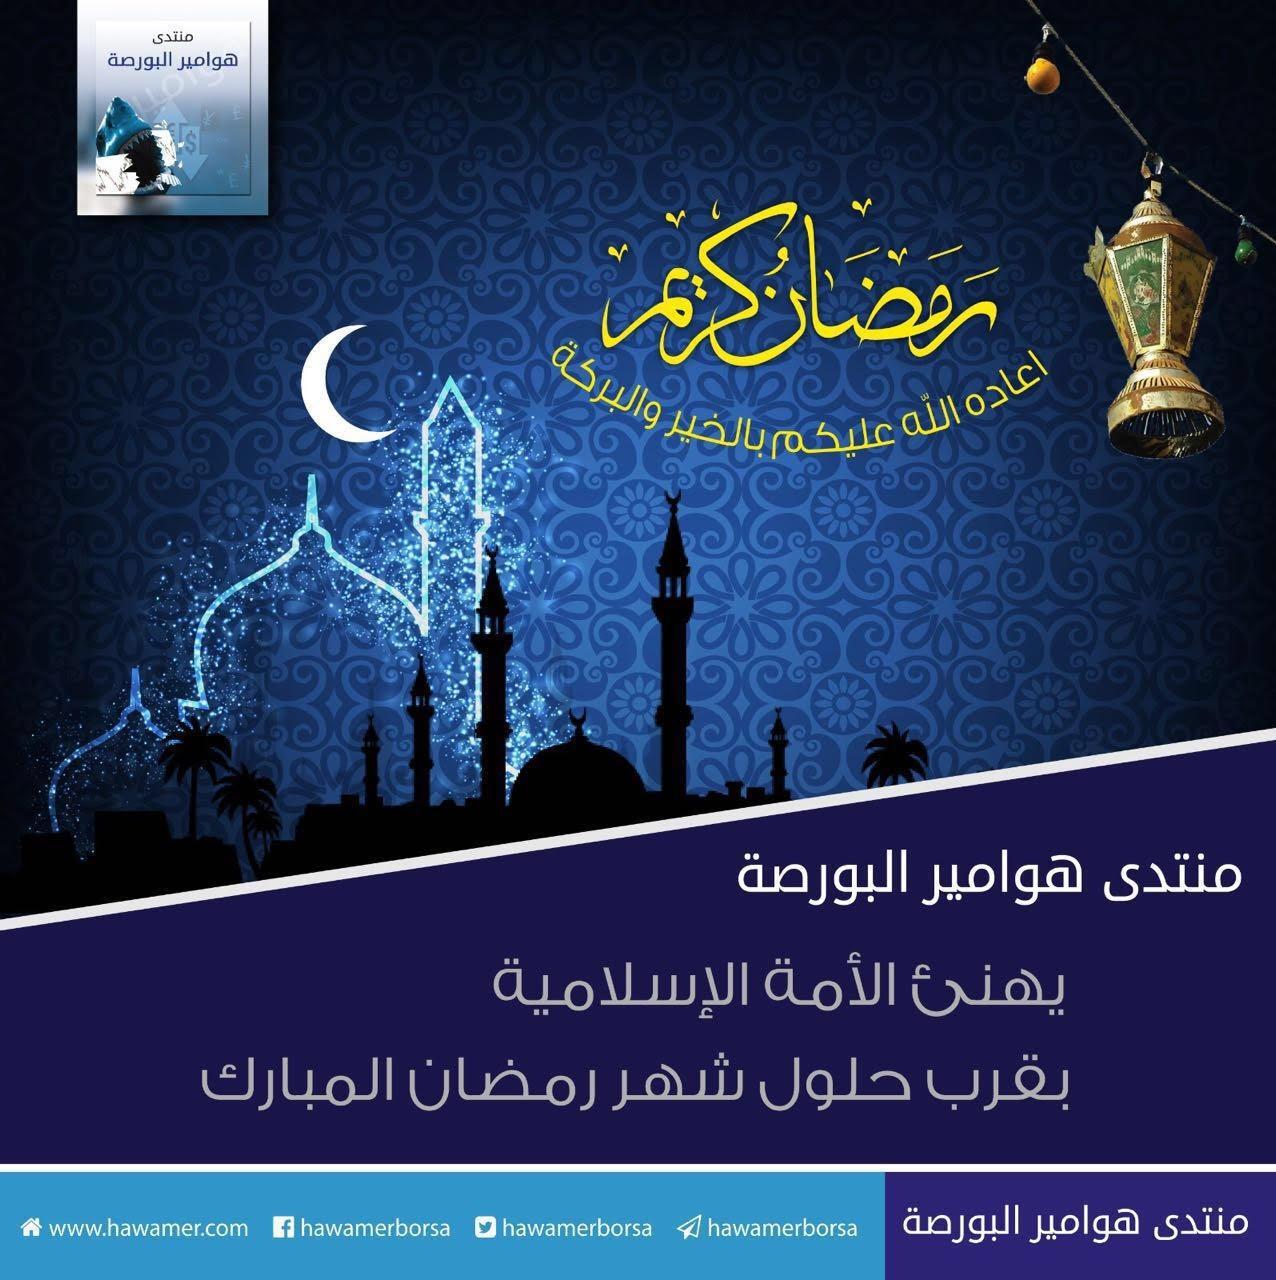 ۩ شبكة منتديات هوامير البورصة السعودية ۩ تهنئكم بقدوم شهر رمضان المبارك ۩